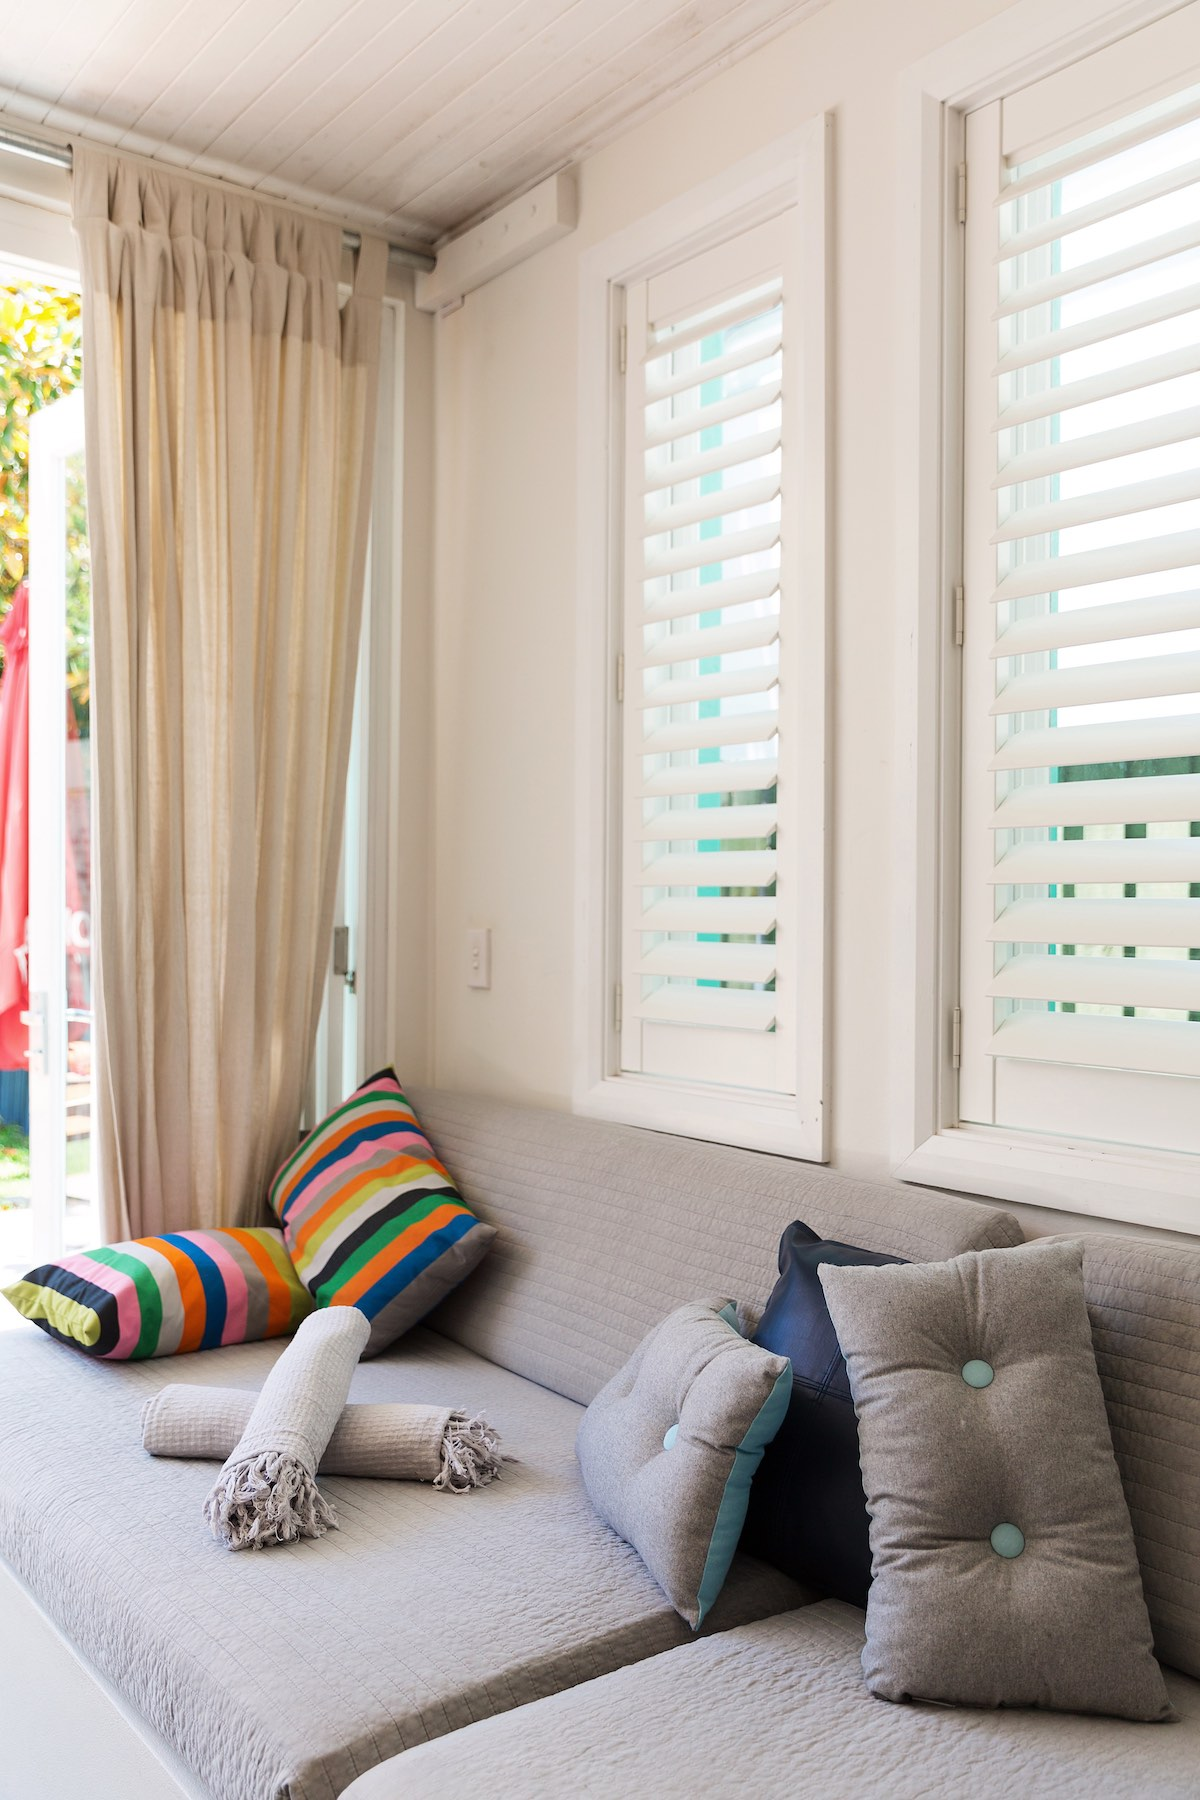 Rockstar-Villa-Bondi Beach Holiday Homes19.jpg